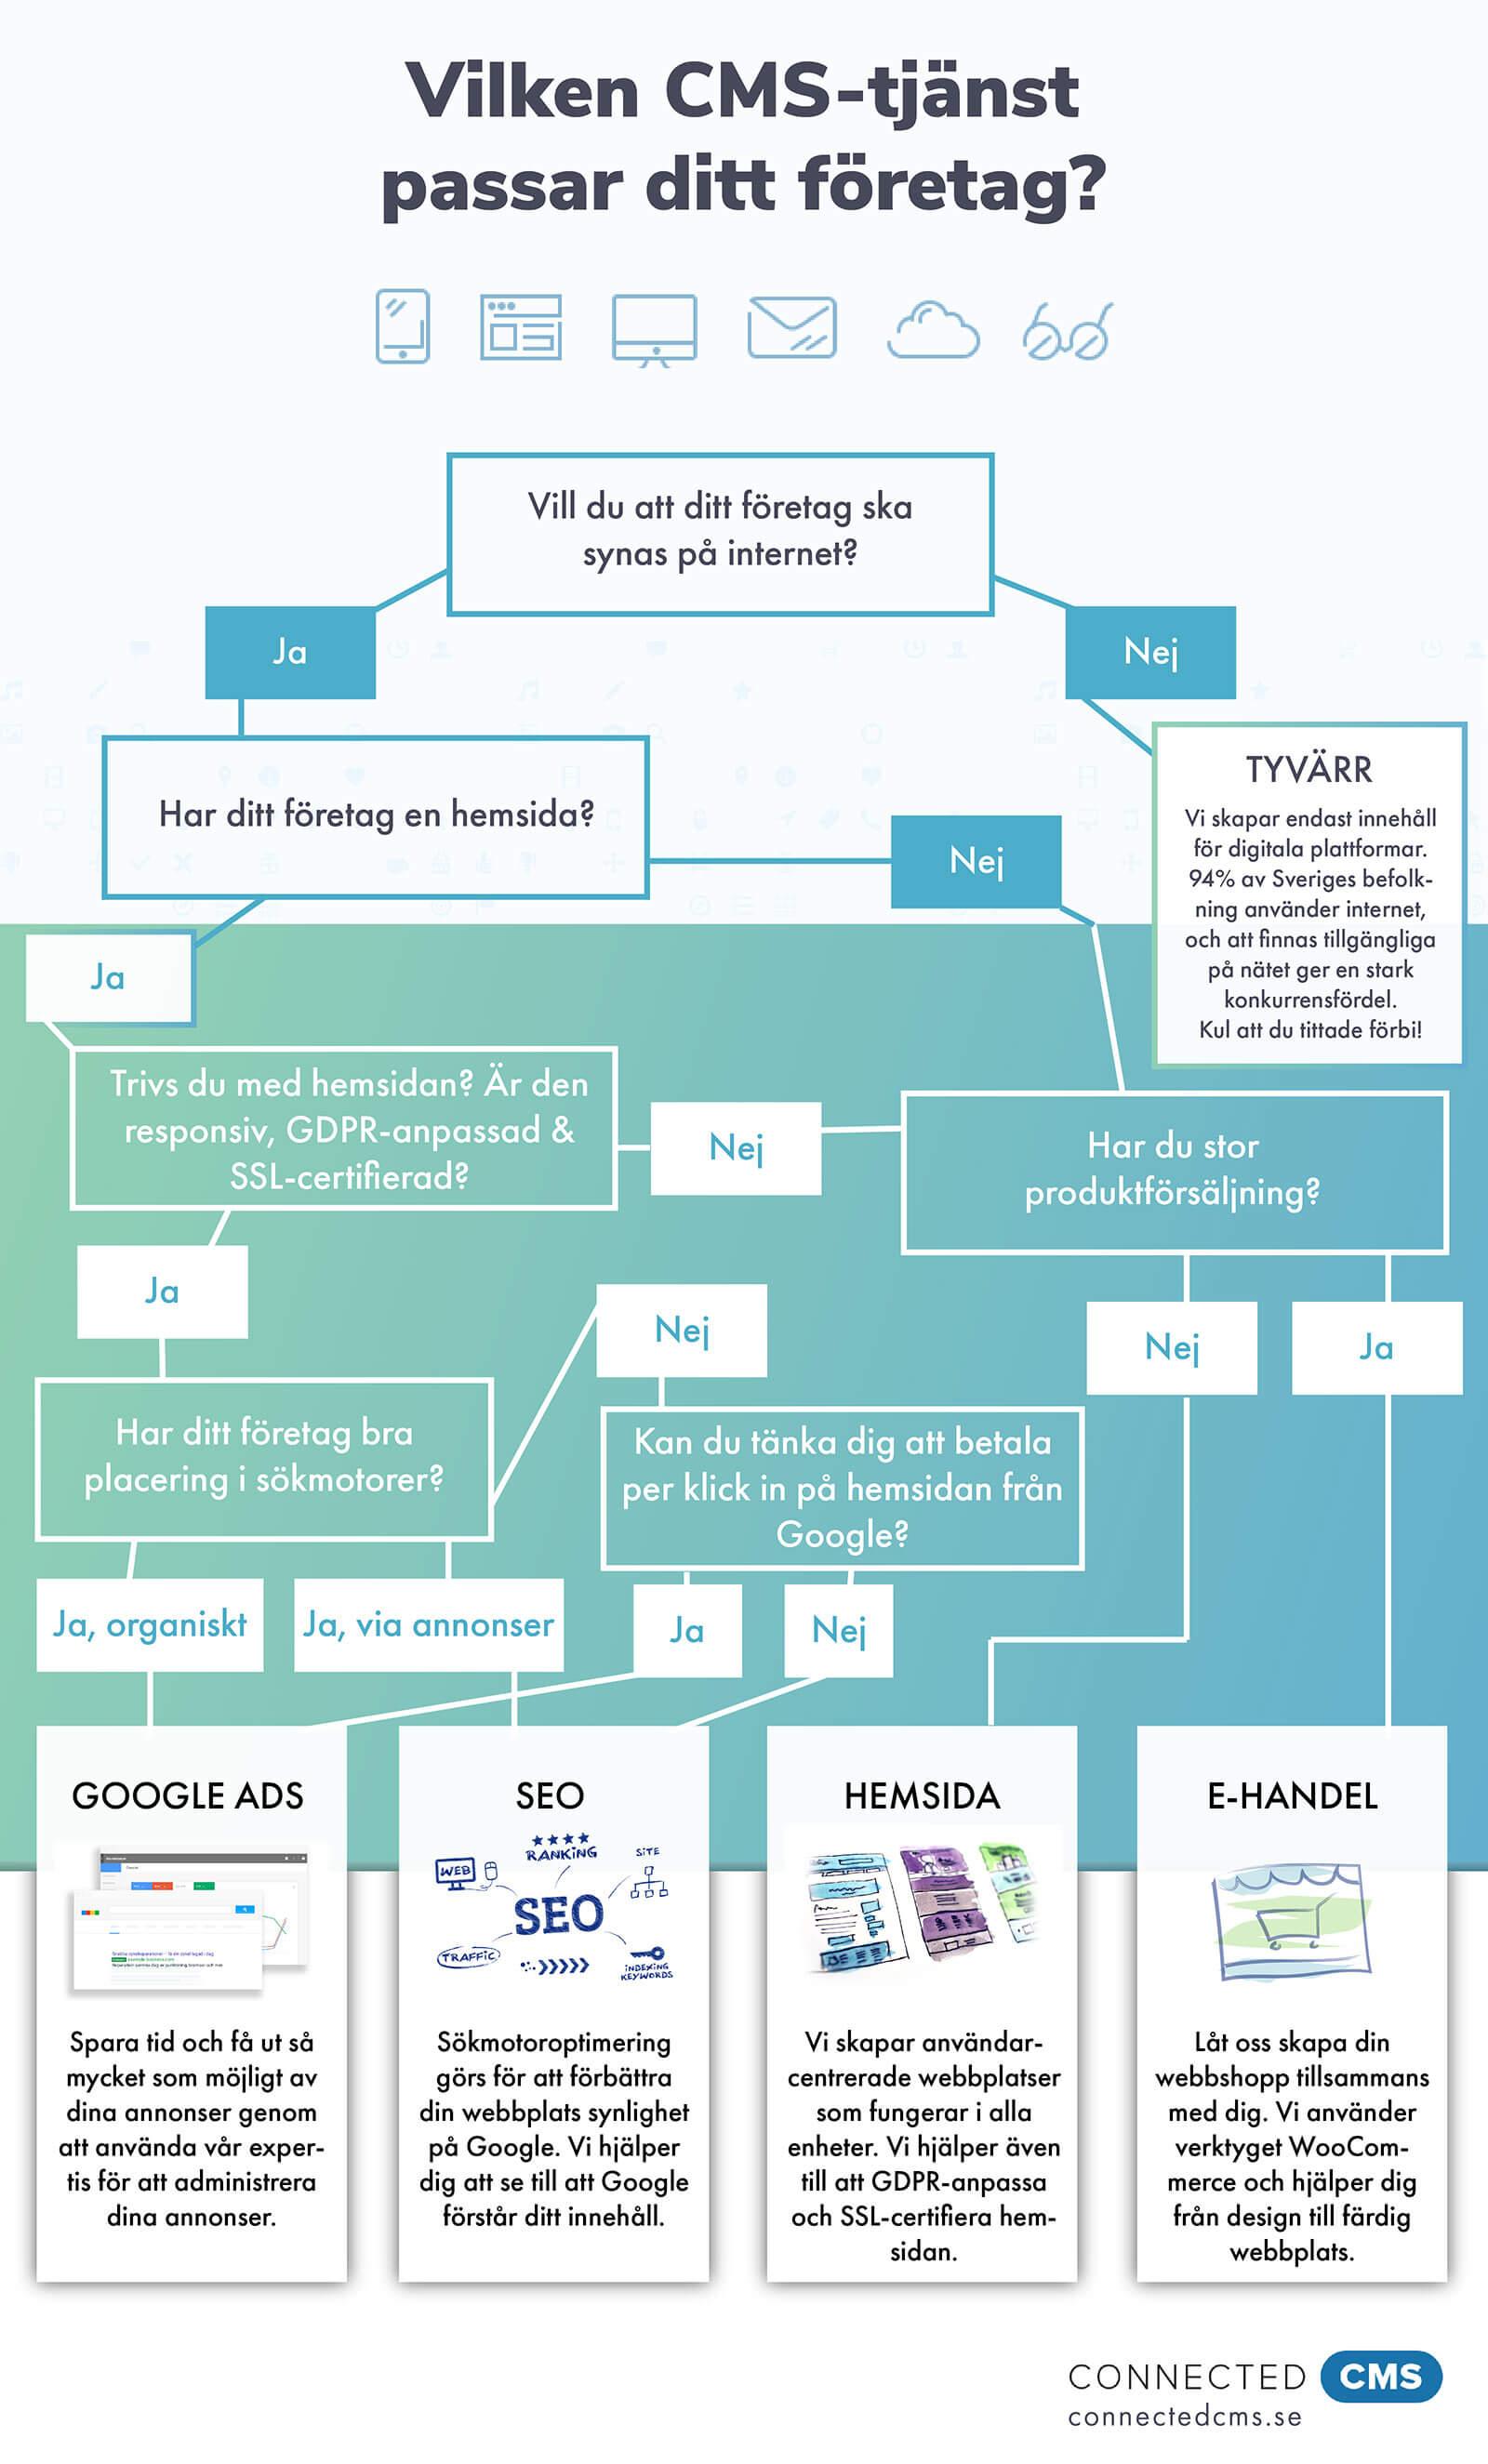 Test: Vilken CMS-tjänst passar ditt företag?